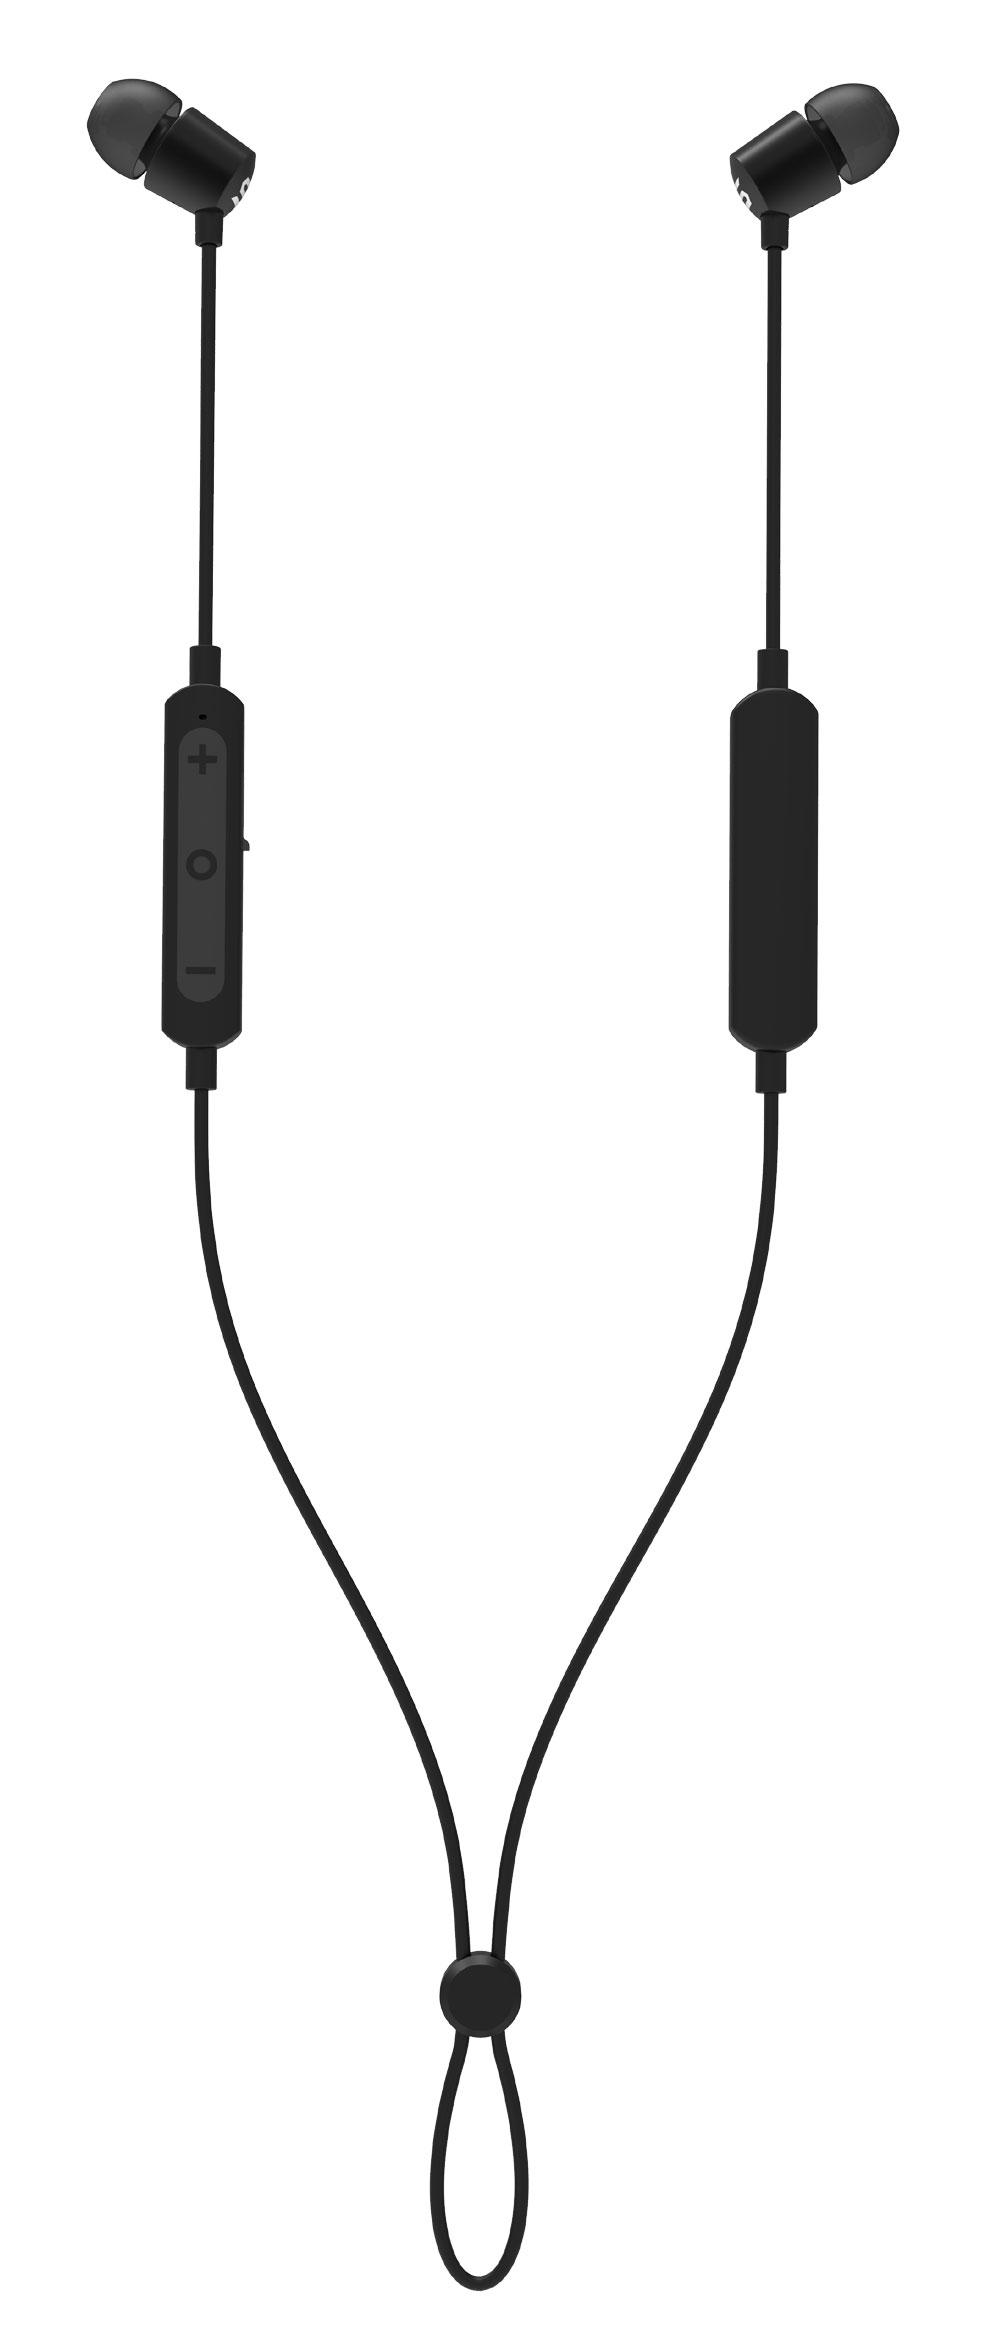 画像: SOULのBluetoothイヤホン「Pure Wireless Plus」